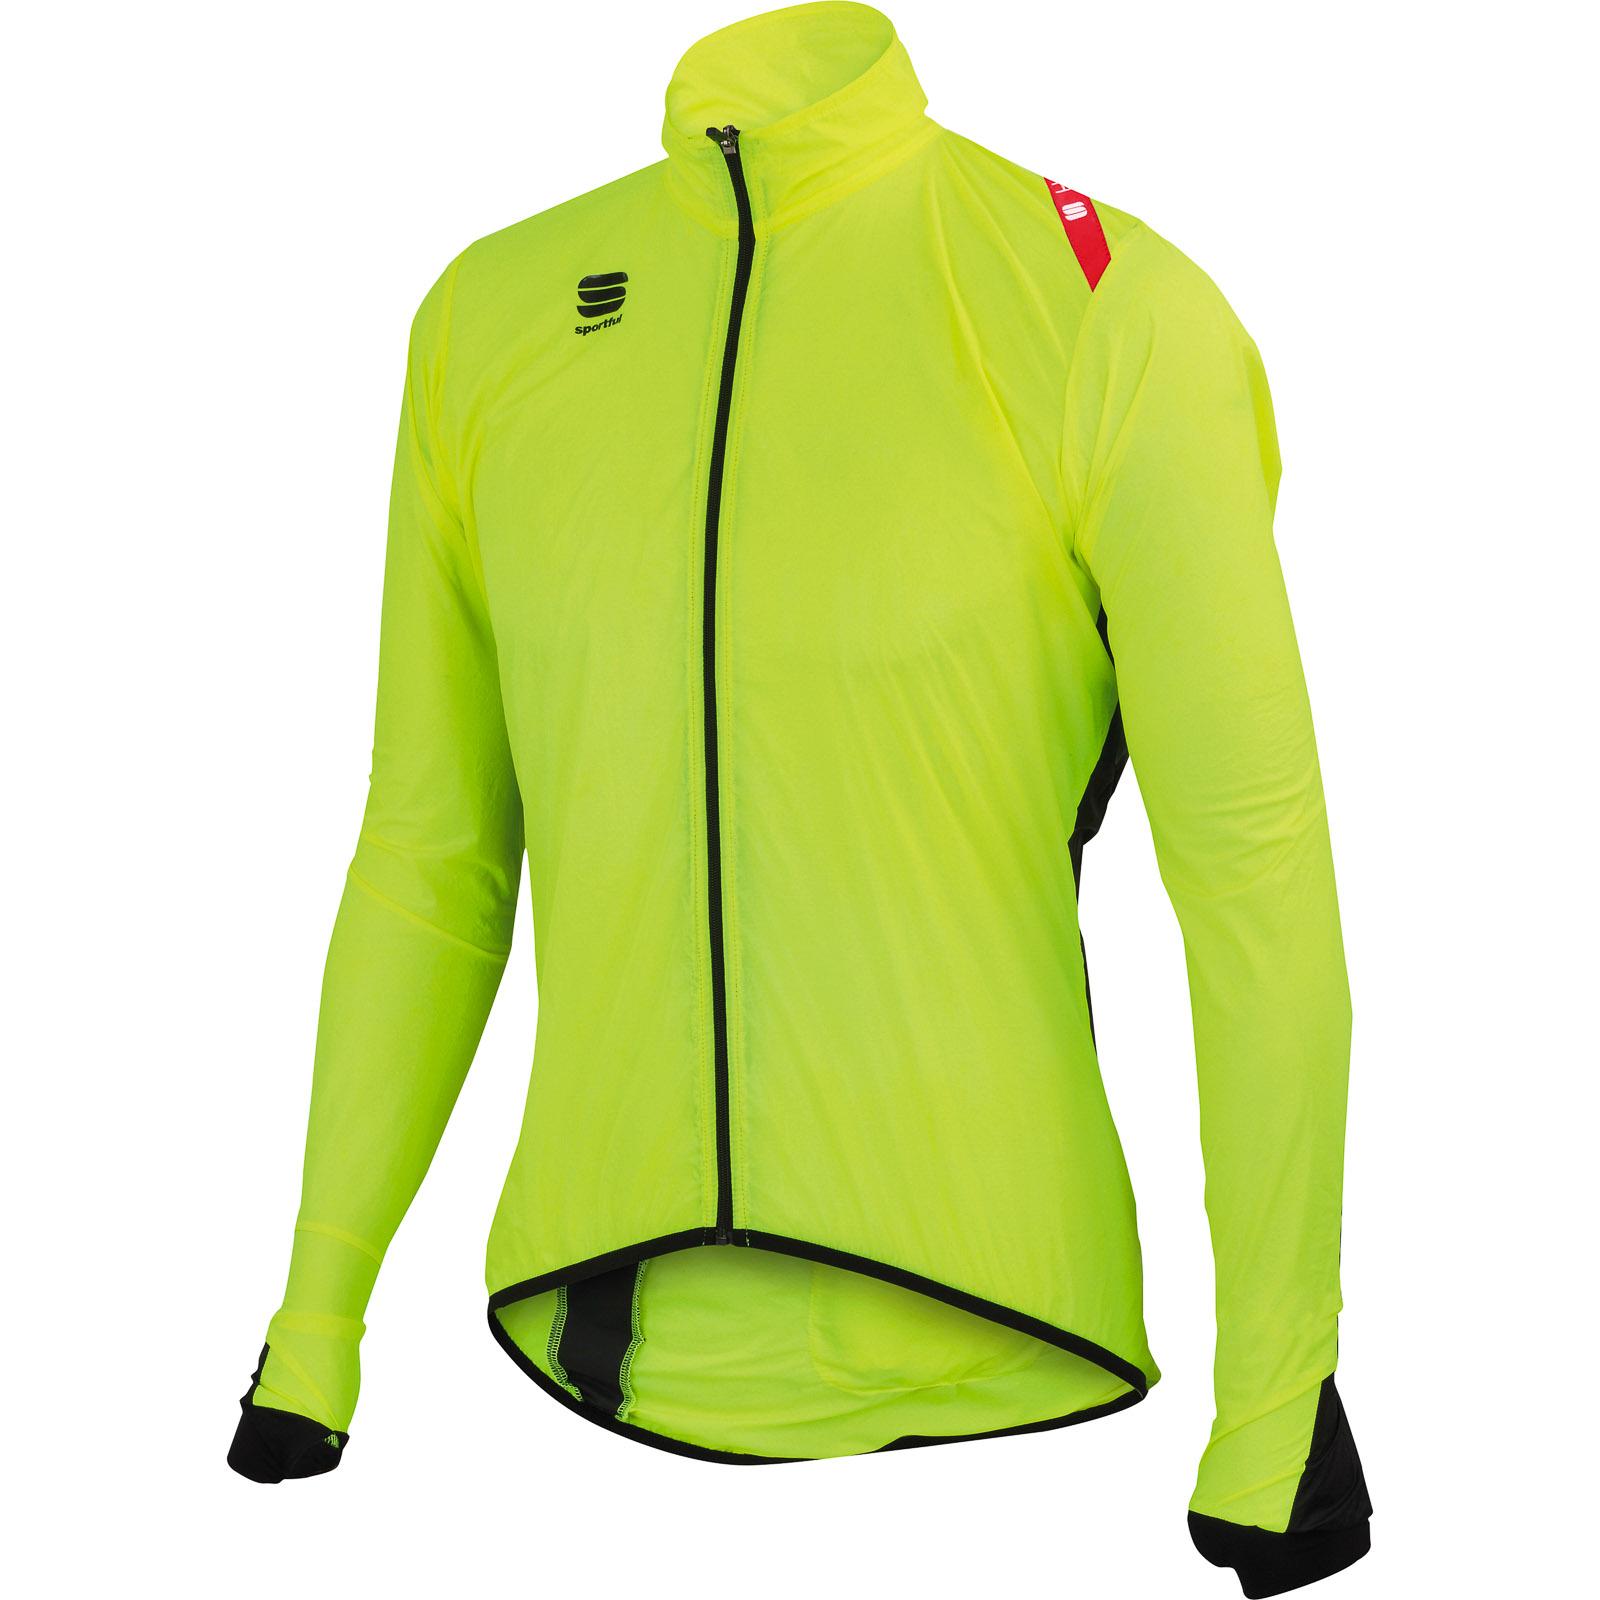 88c67162ebf8a Výpredaj. -22%. Sportful Hot Pack 5 bunda fluo žltá/čierna